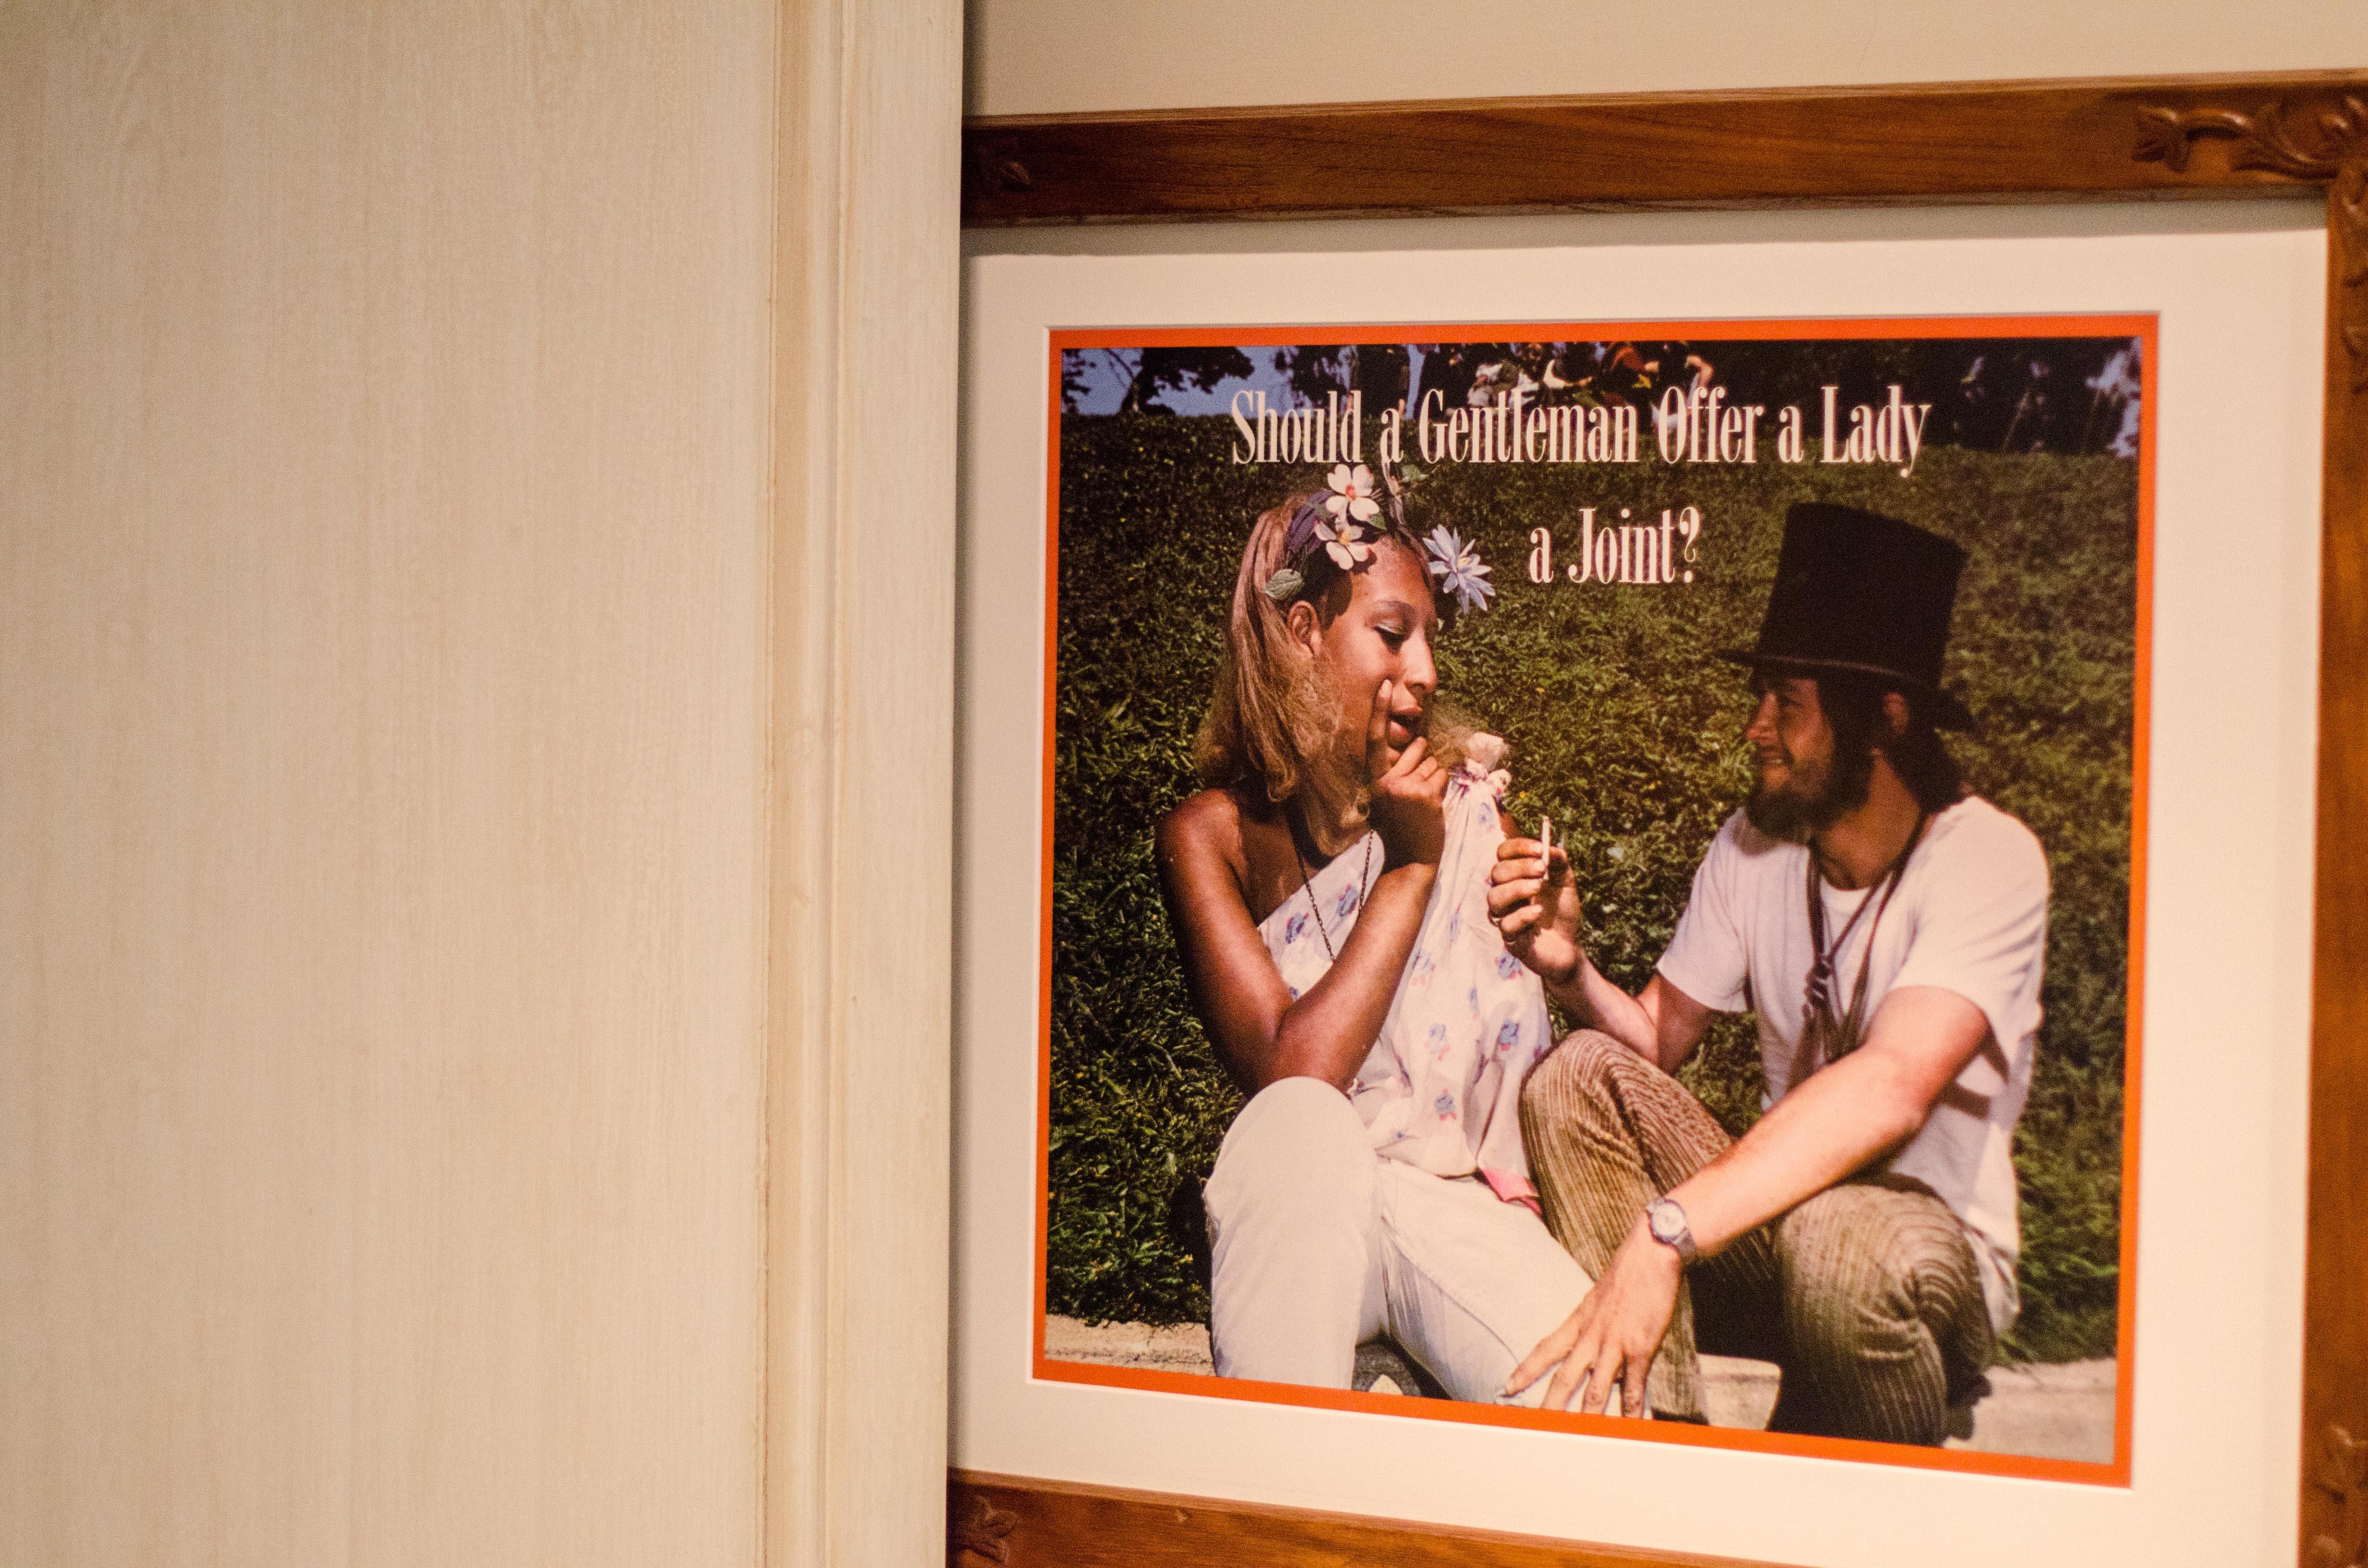 De nombreuses affiches vintage sont présentées dans des cadres en bois sculptés.